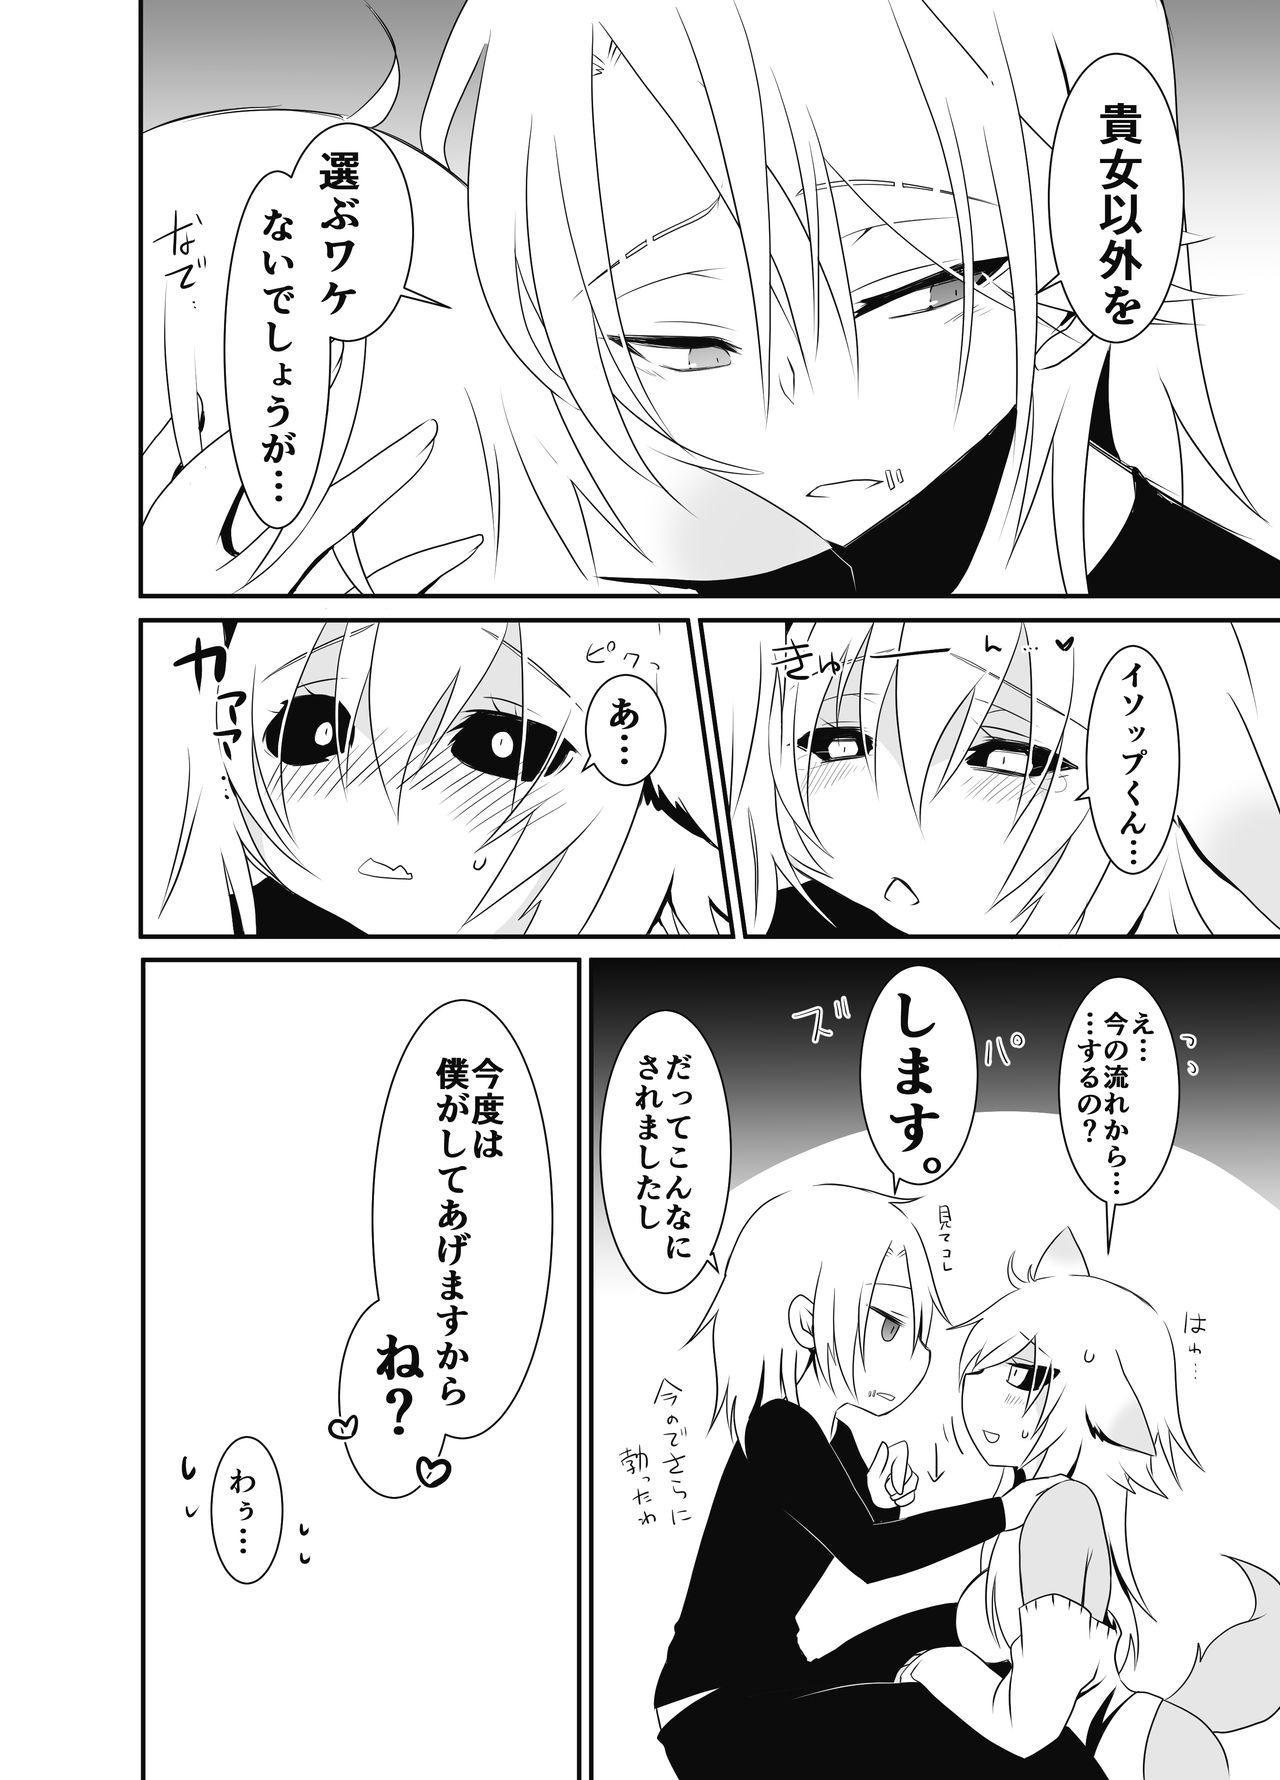 Exorcist-kun wa Gekka no Mono desu! 9